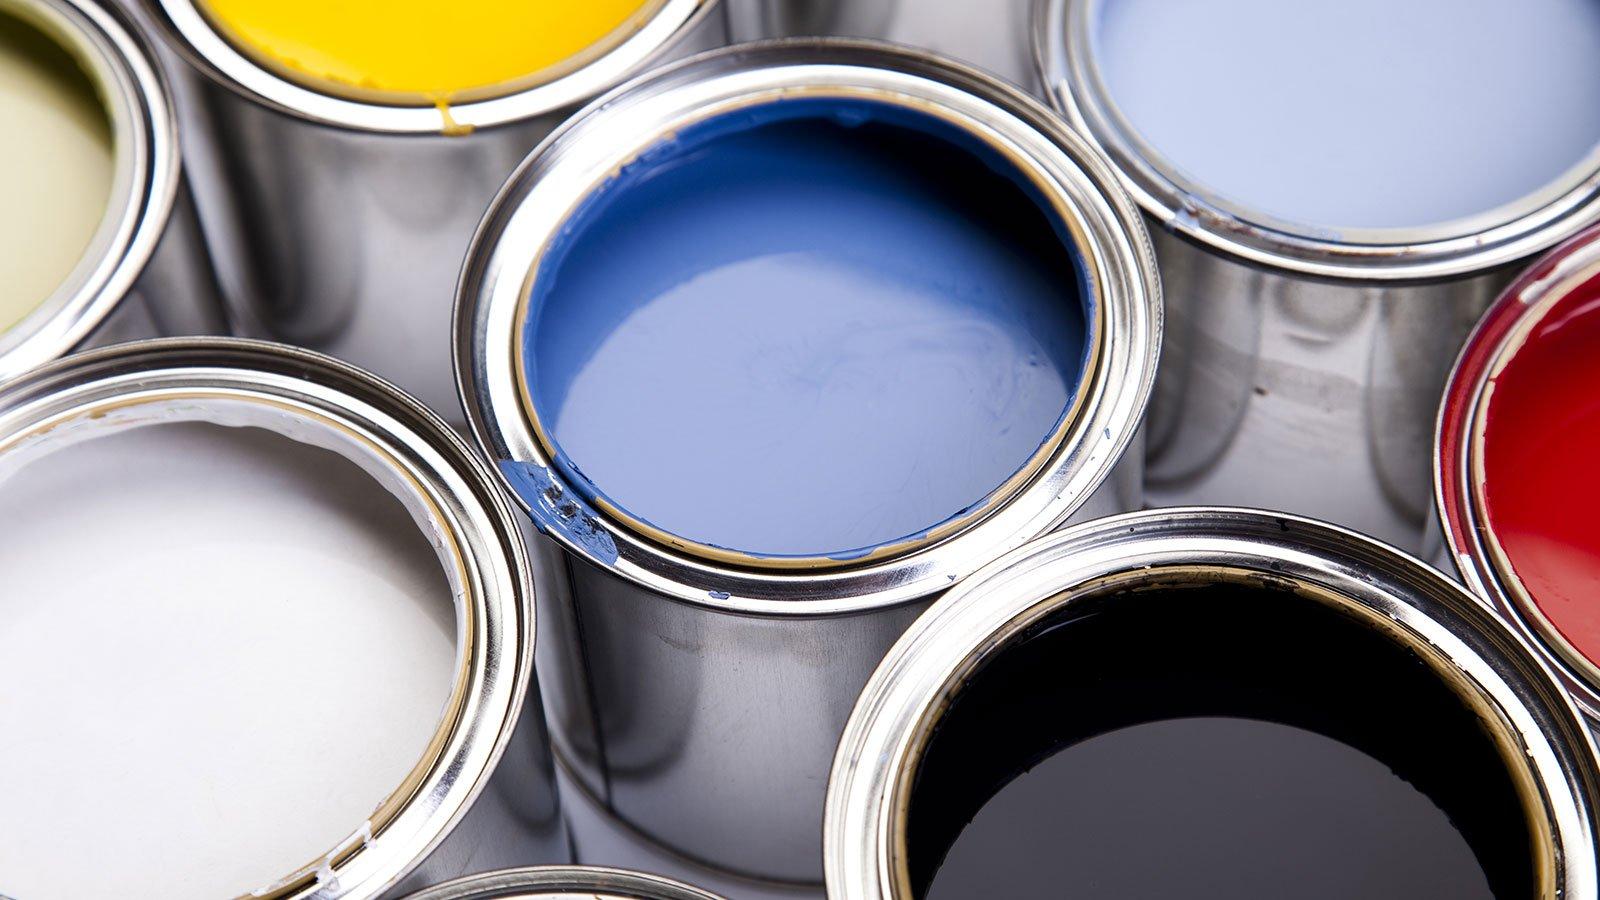 dei barattoli di vernice